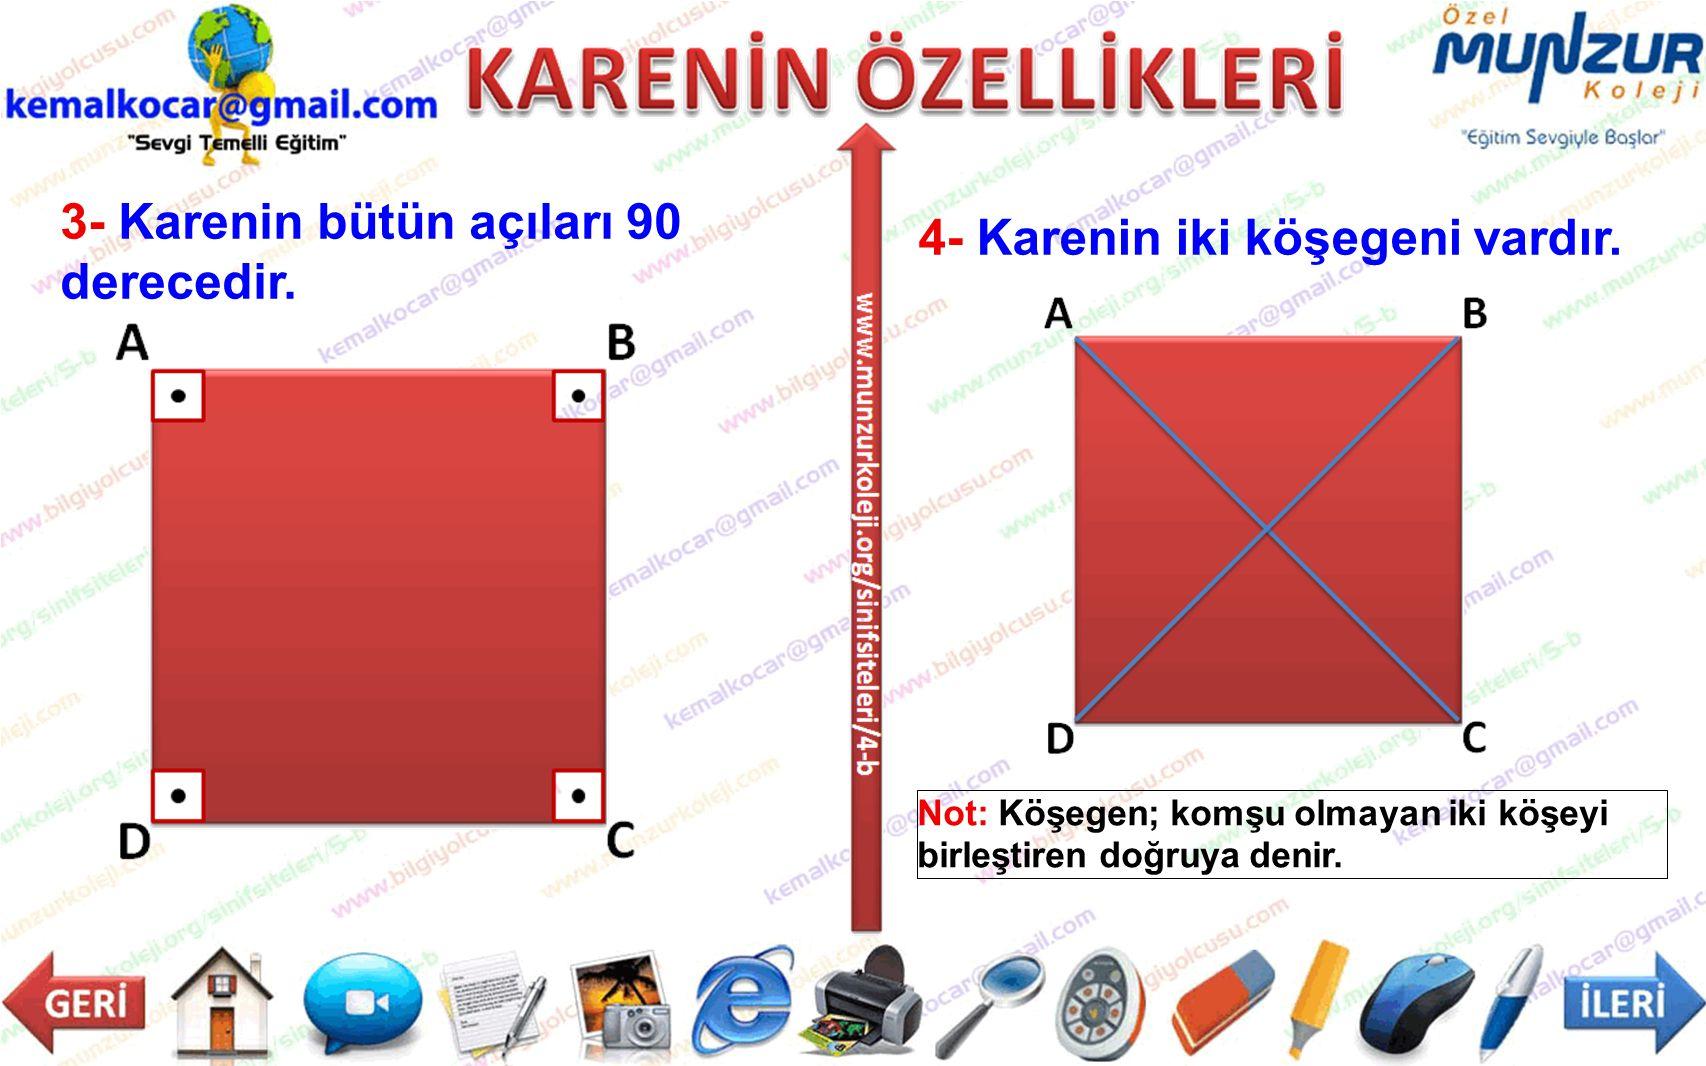 4- Karenin iki köşegeni vardır. Not: Köşegen; komşu olmayan iki köşeyi birleştiren doğruya denir. 3- Karenin bütün açıları 90 derecedir.